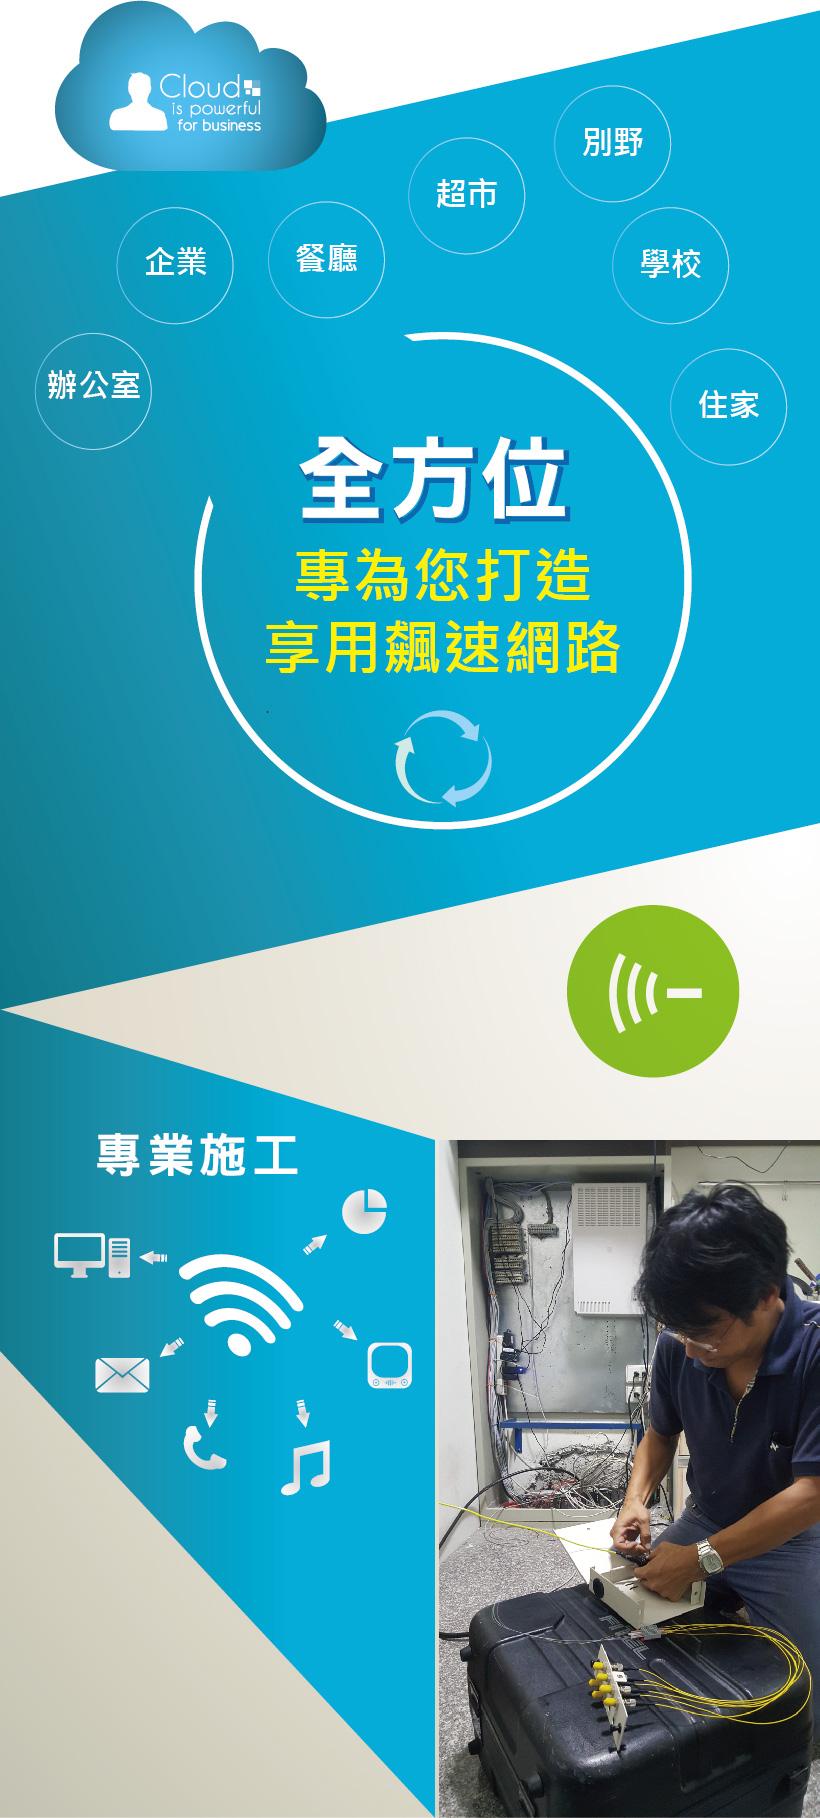 台南網路工程 辦公室、企業、餐廳、超市、住家、別野、學校、全方位專為您打造,享用飆速網路,專業施工